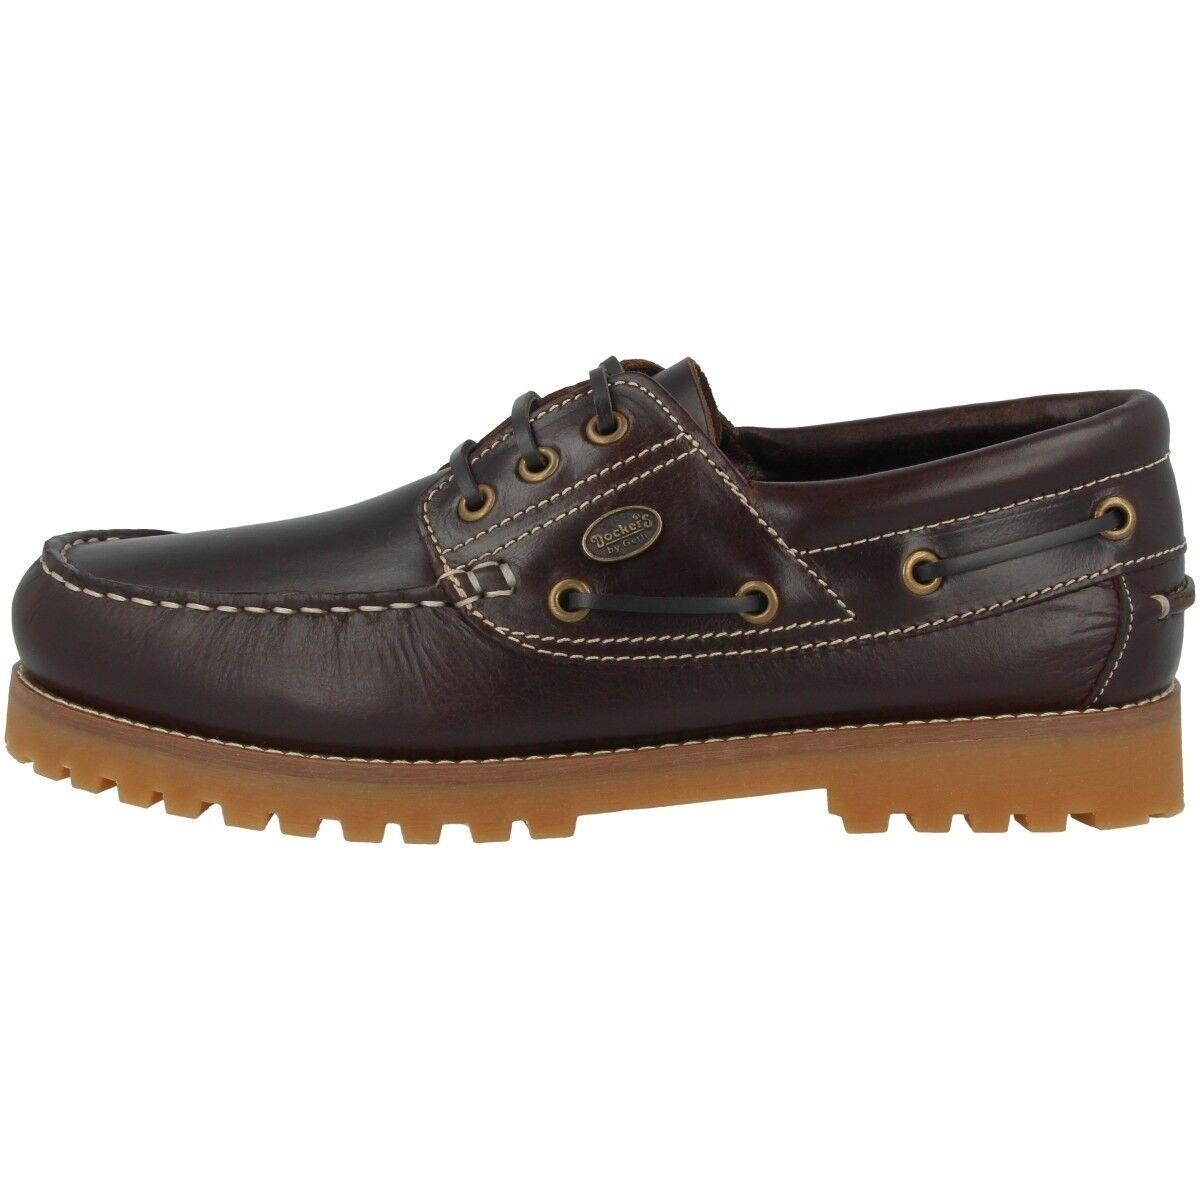 Dockers by Gerli 24dc001 zapatos zapato bajo bota zapatos zapatillas 24dc001-180320